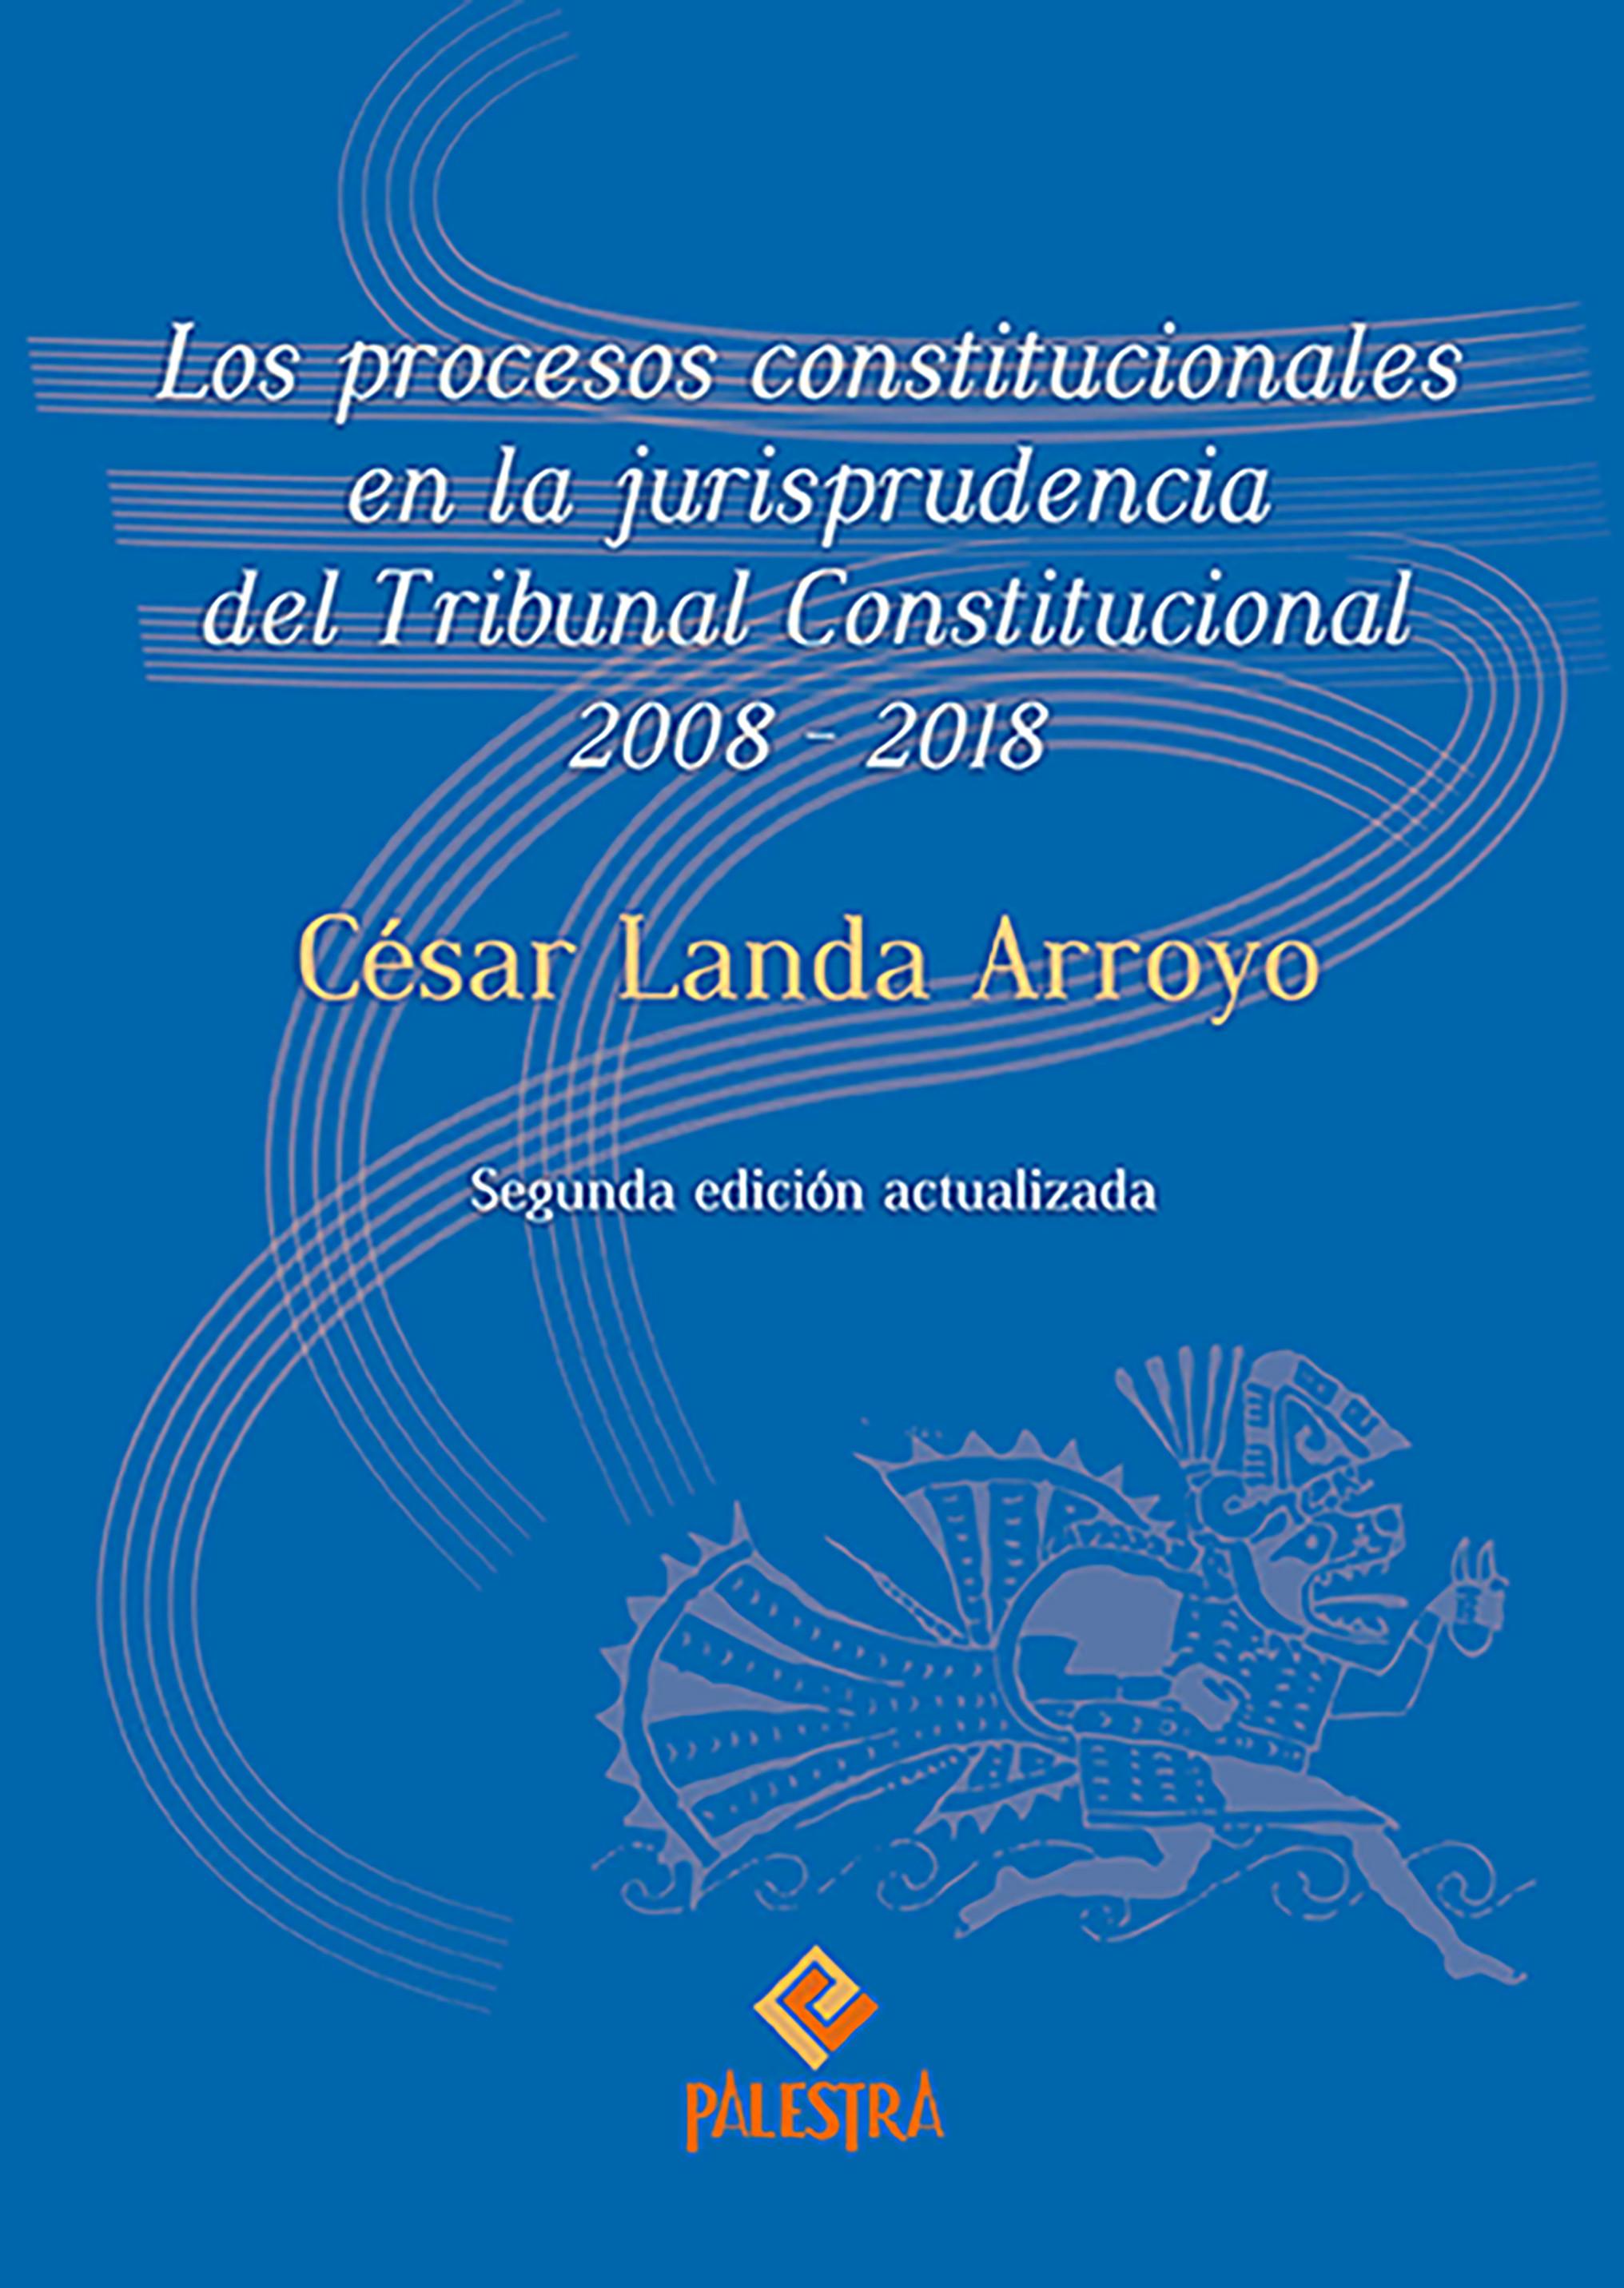 Los procesos constitucionales en la jurisprudencia del Tribunal Constitucional 2008-2018